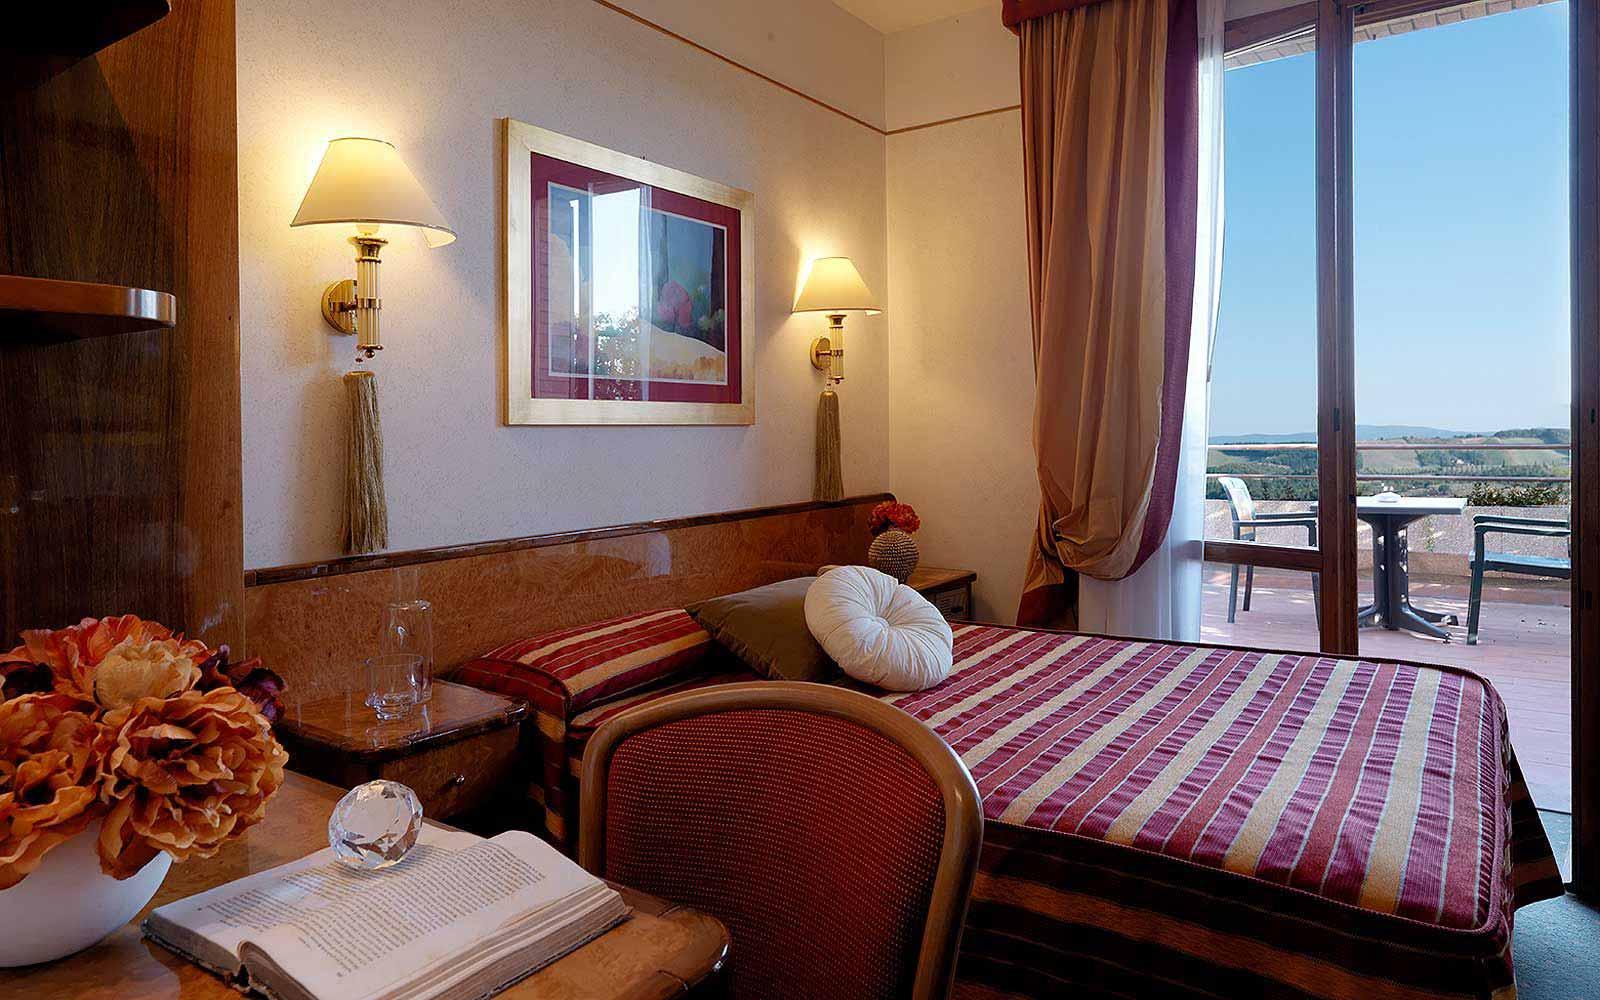 Small room at Relais Santa Chiara